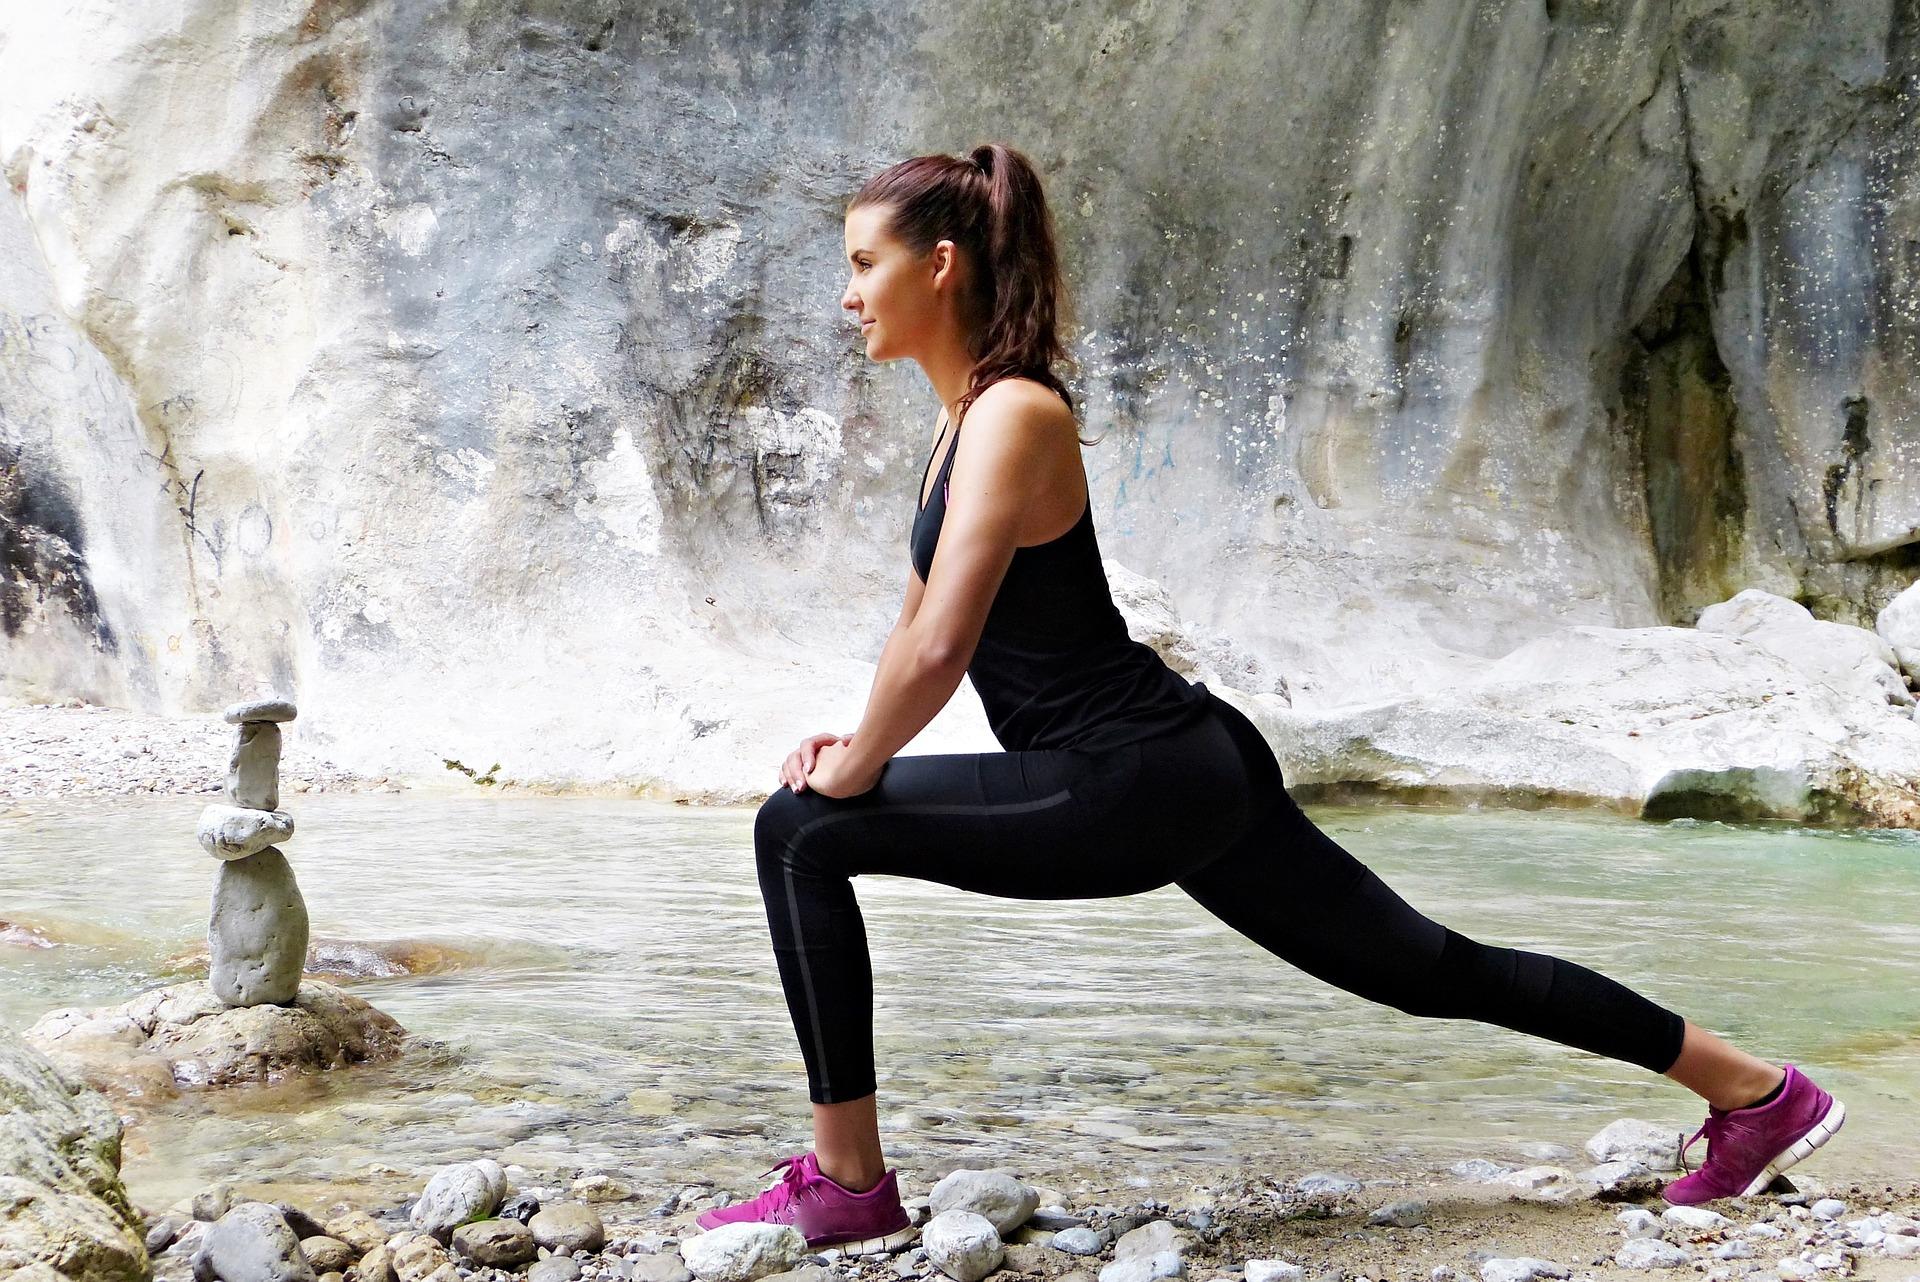 Ledande butik inom fitness och mode för tjejer